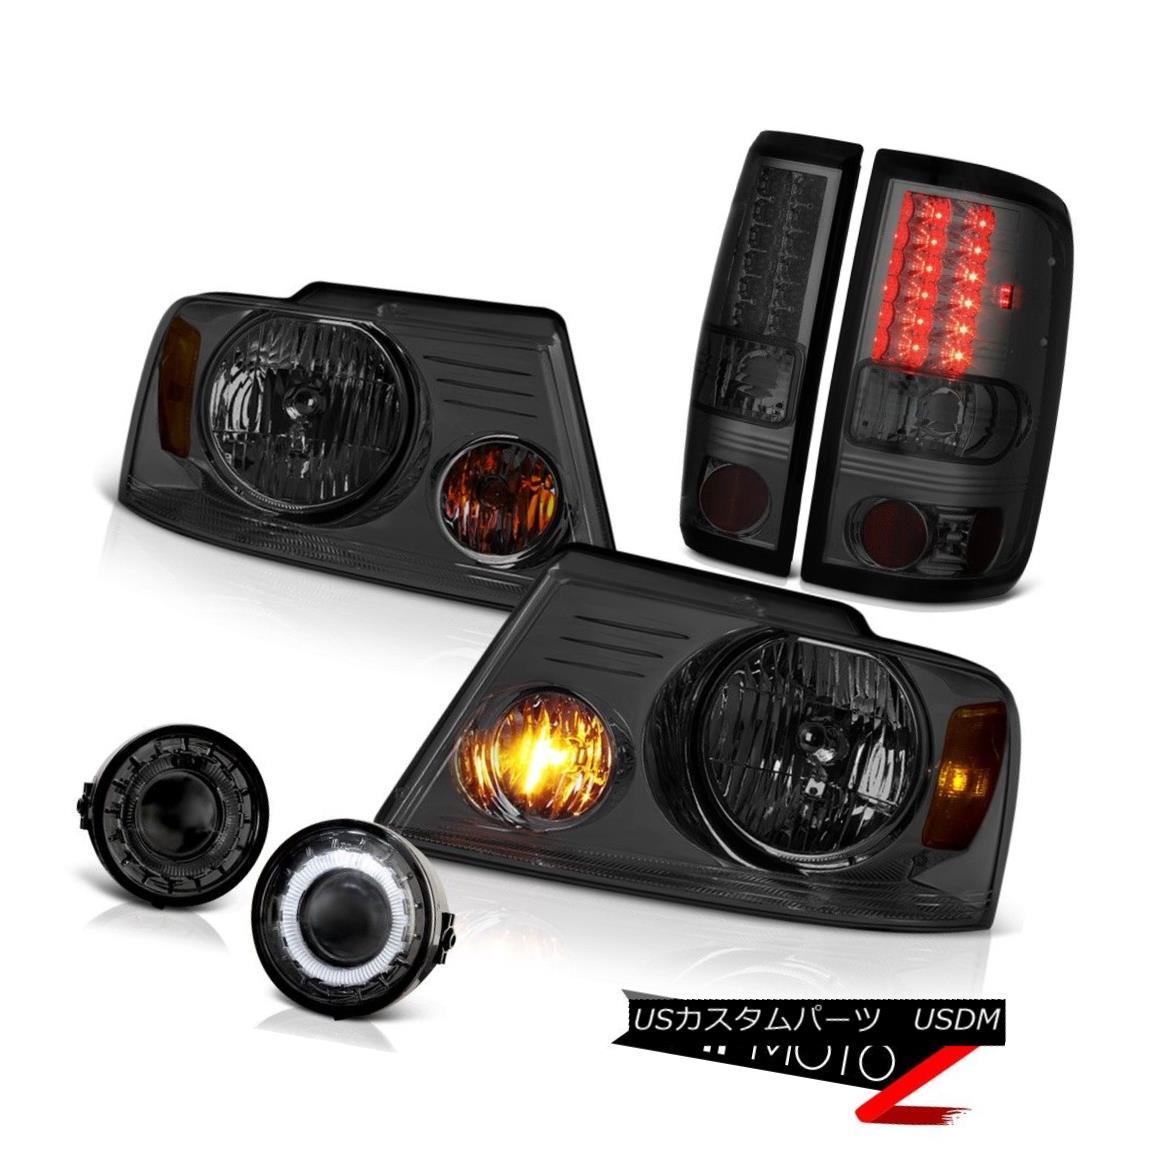 ヘッドライト 2006-2008 FORD F150 Smoke LED Tail Lights Headlights Halo Ring Fog Lamp Lights 2006-2008フォードF150スモークLEDテールライトヘッドライトハローリングフォグランプライト